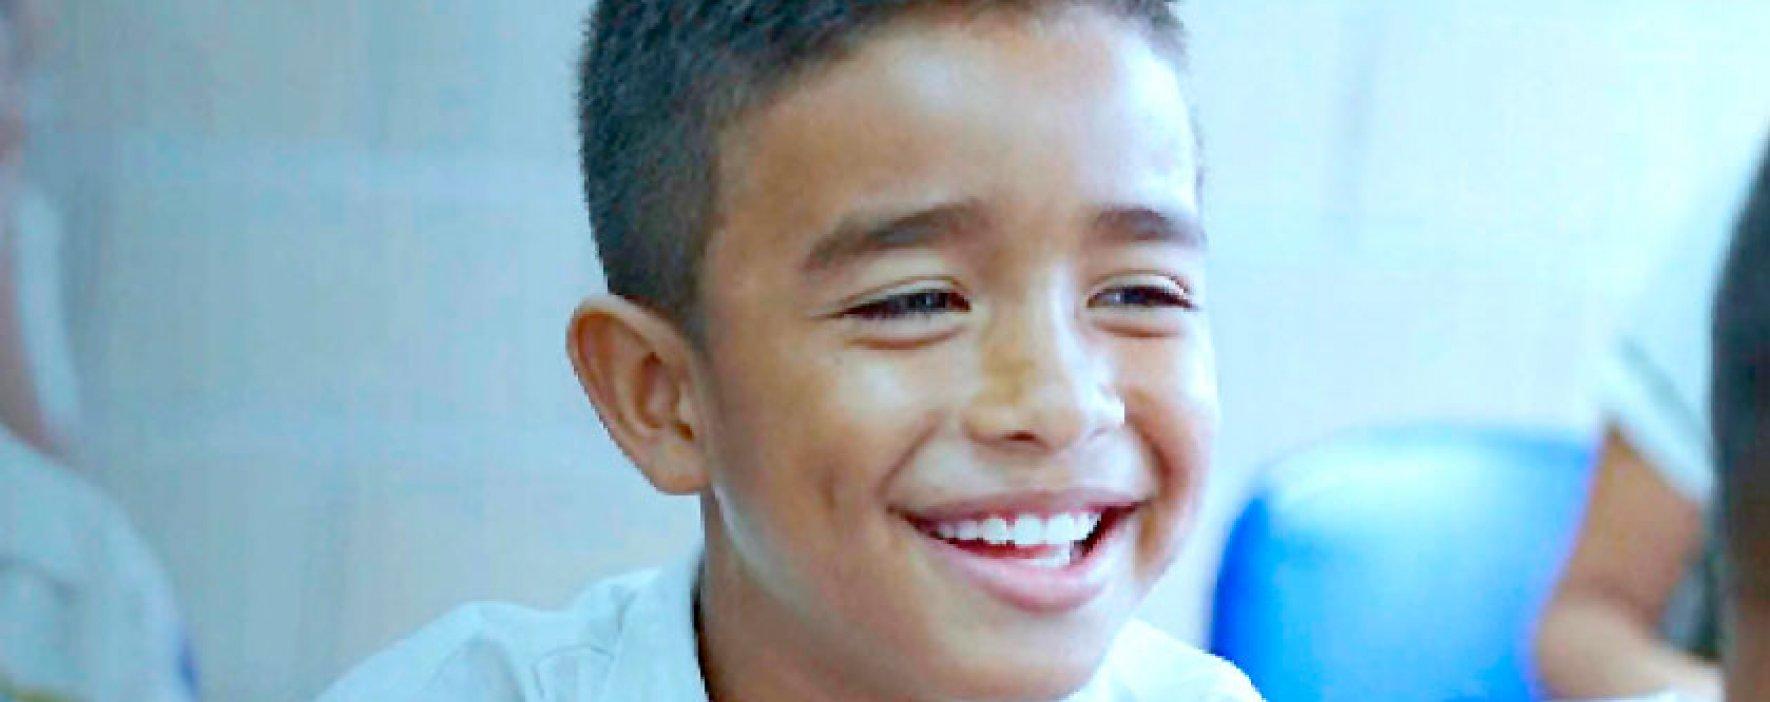 Fundación Compartir, Colombia Cuida a Colombia, La educación que nos une, AFE, Mineducacion, MEN, Ministerio de Educación, Empresarios por la educación, ExE, Cuarentena, Coronavirus, COVID-19, Crisis en la educación, Fundaciones Colombia, Palabra Maestra, Compartir Palabra Maestra